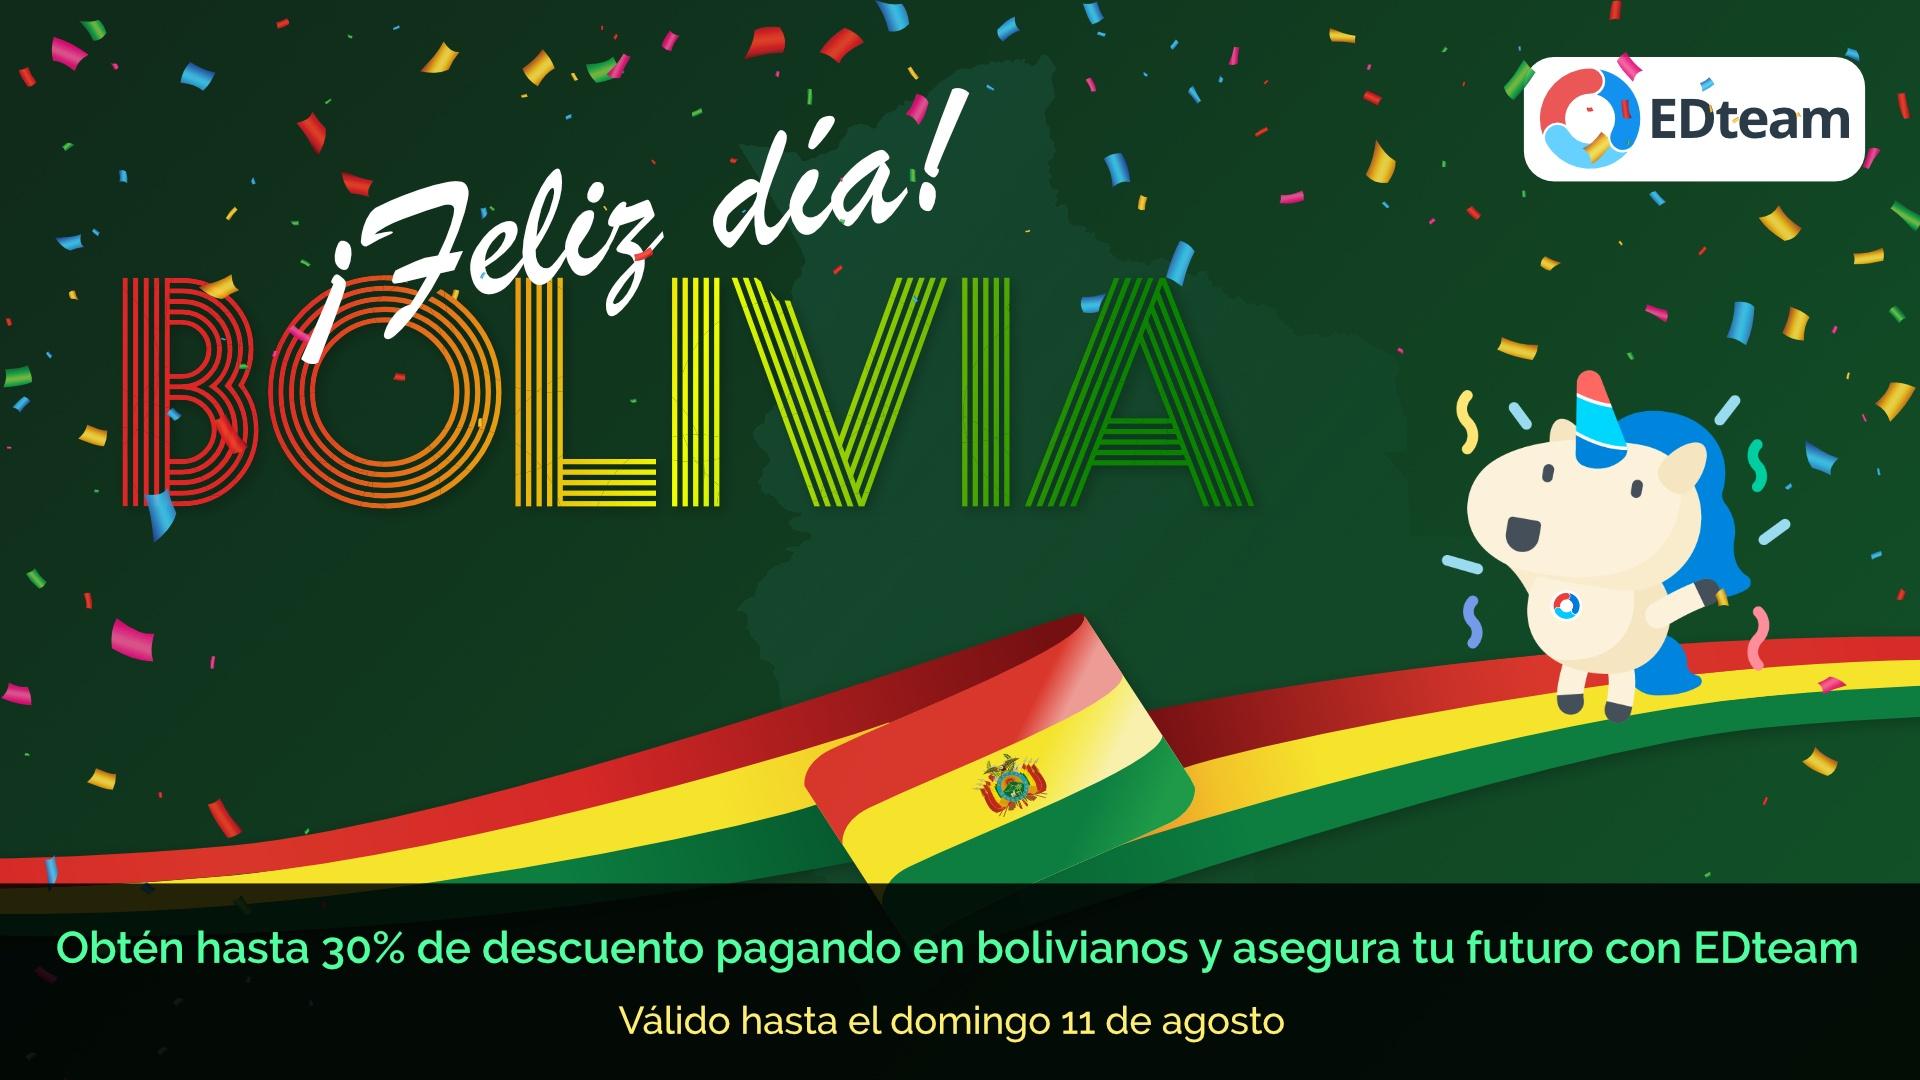 ¡Feliz Día Bolivia! Descuentos en todas las suscripciones premium